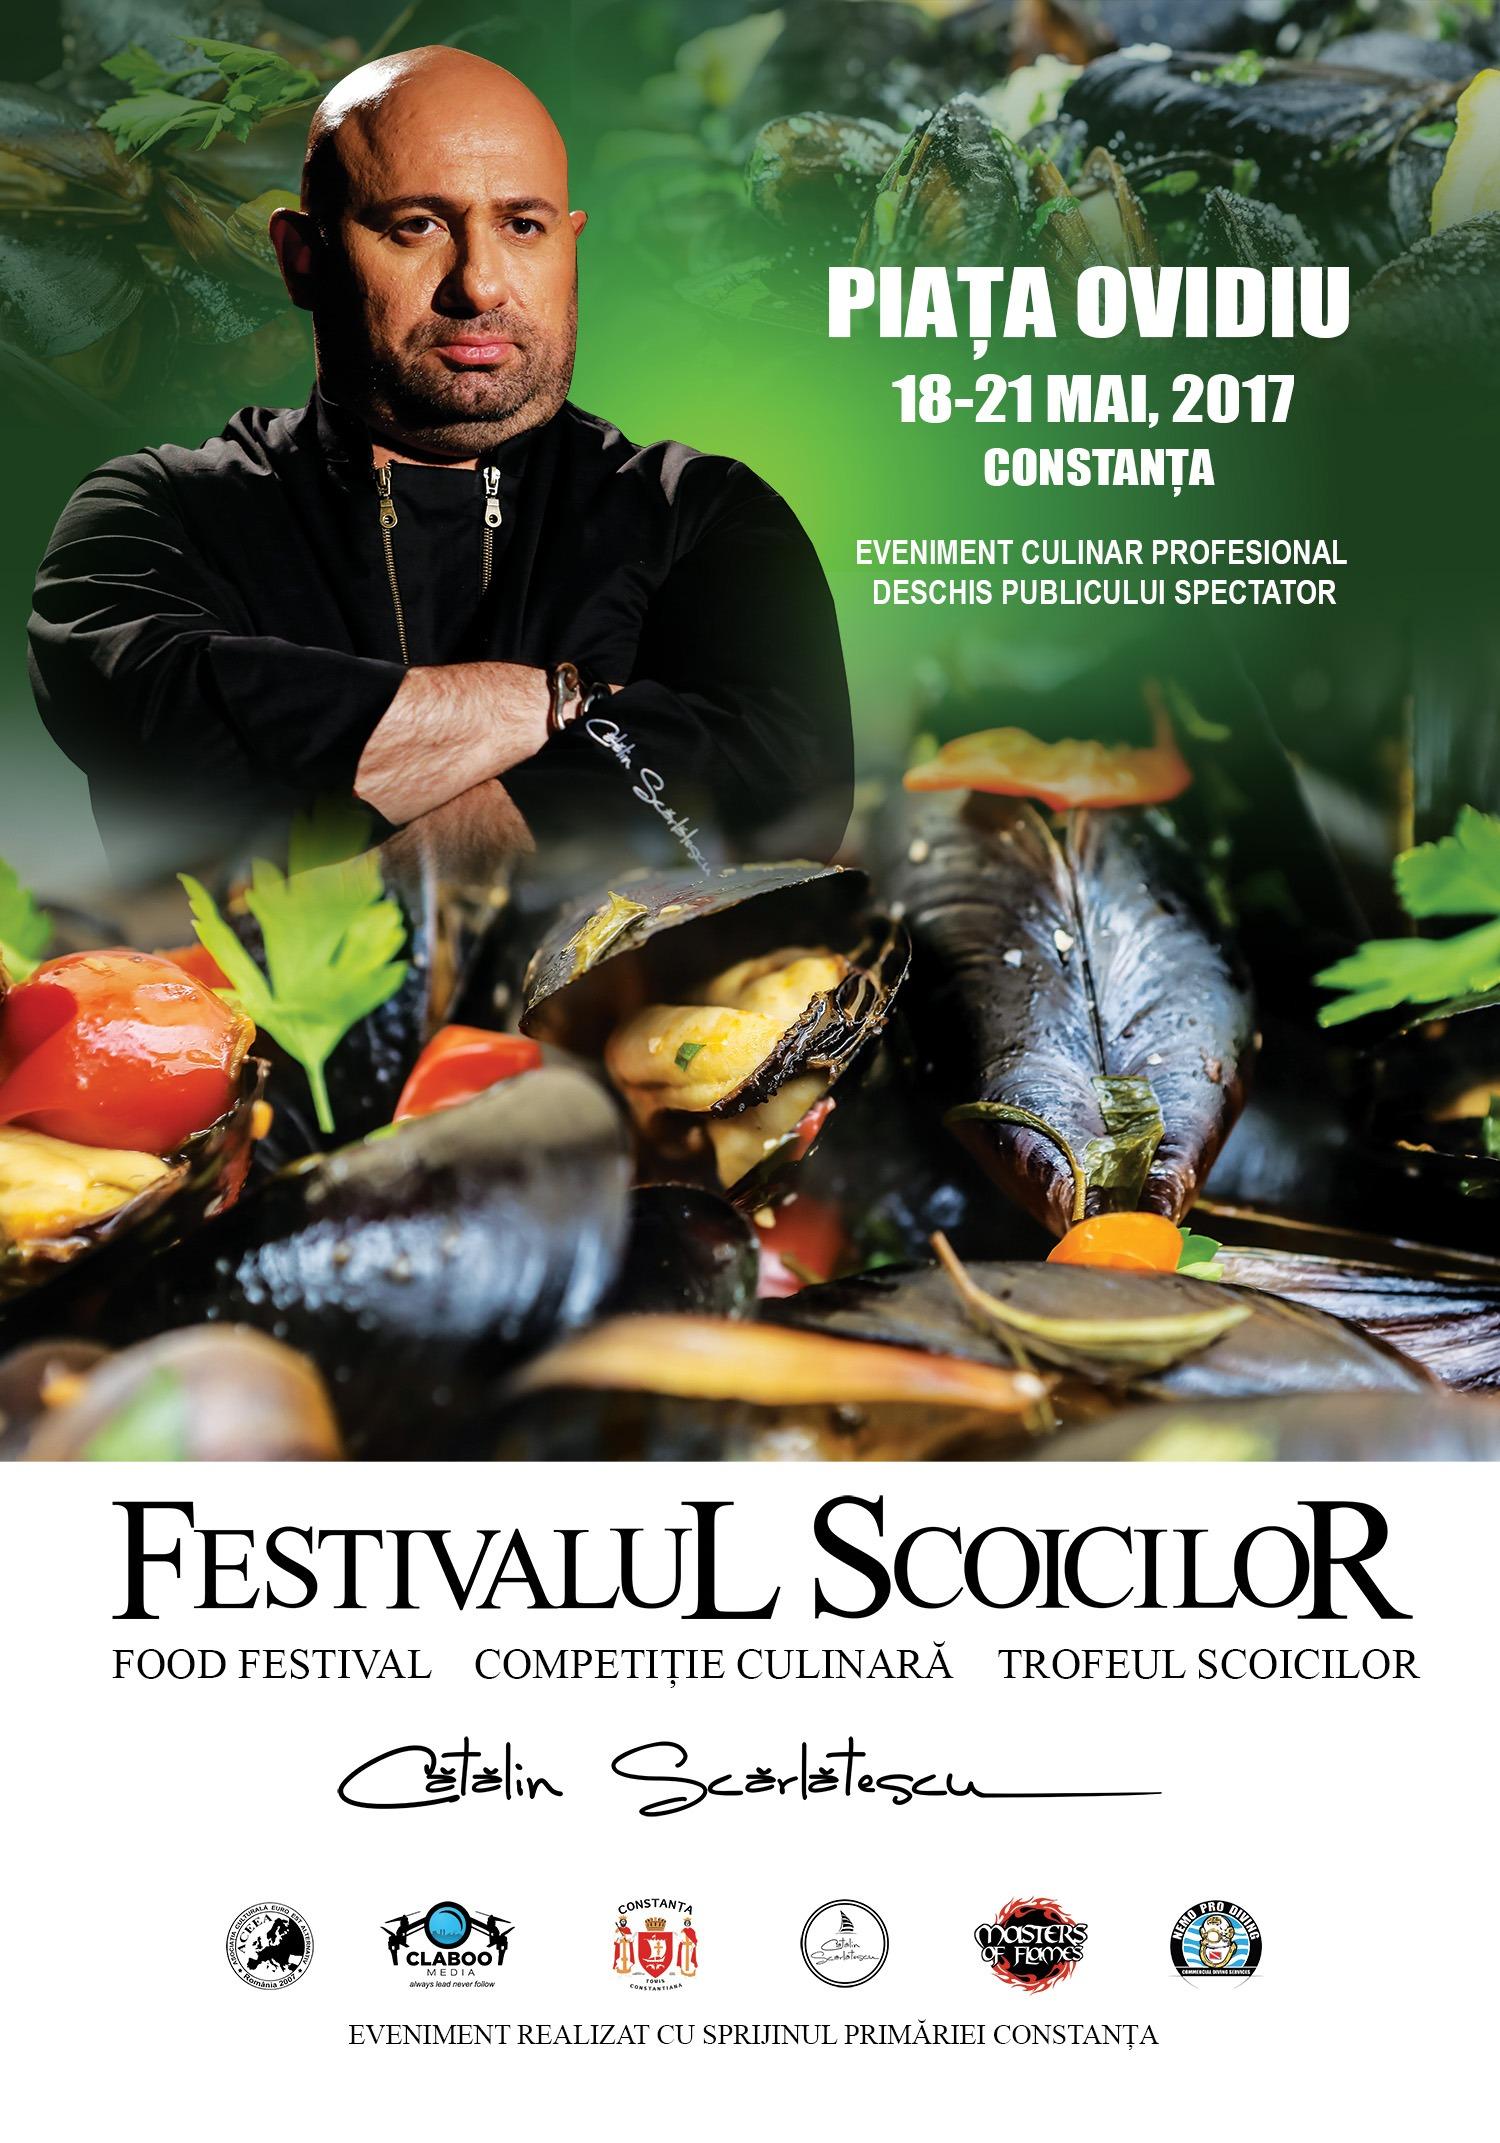 Festivalul Scoicilor 2017